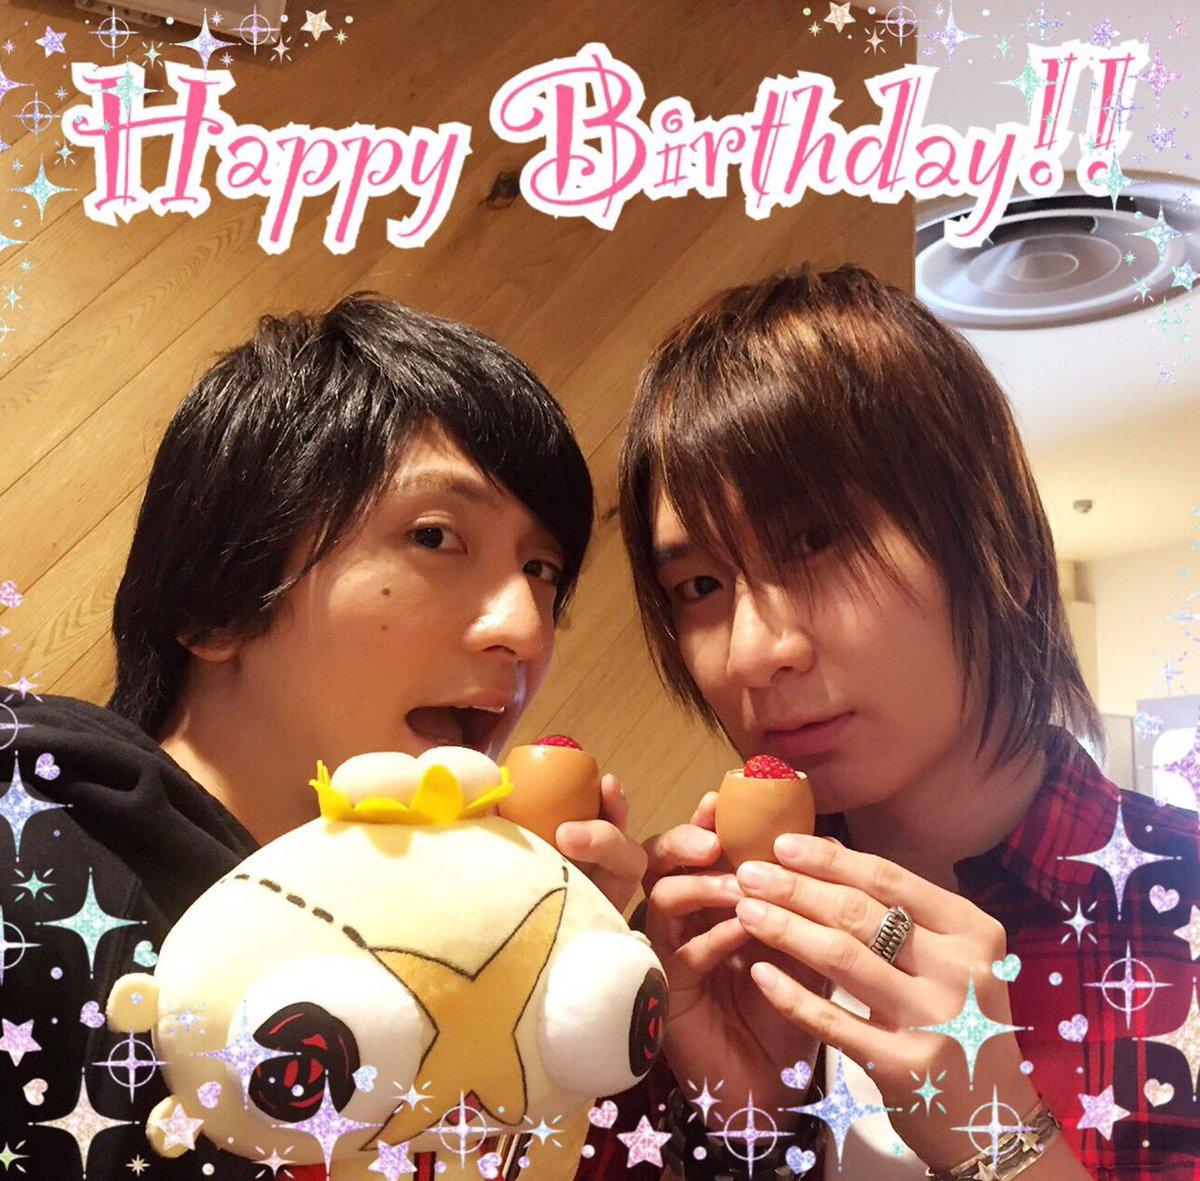 【前野智昭さん、お誕生日おめでとうございます!!!】先日とある撮影で、島﨑さんとお祝いさせていただきました!(何の撮影か